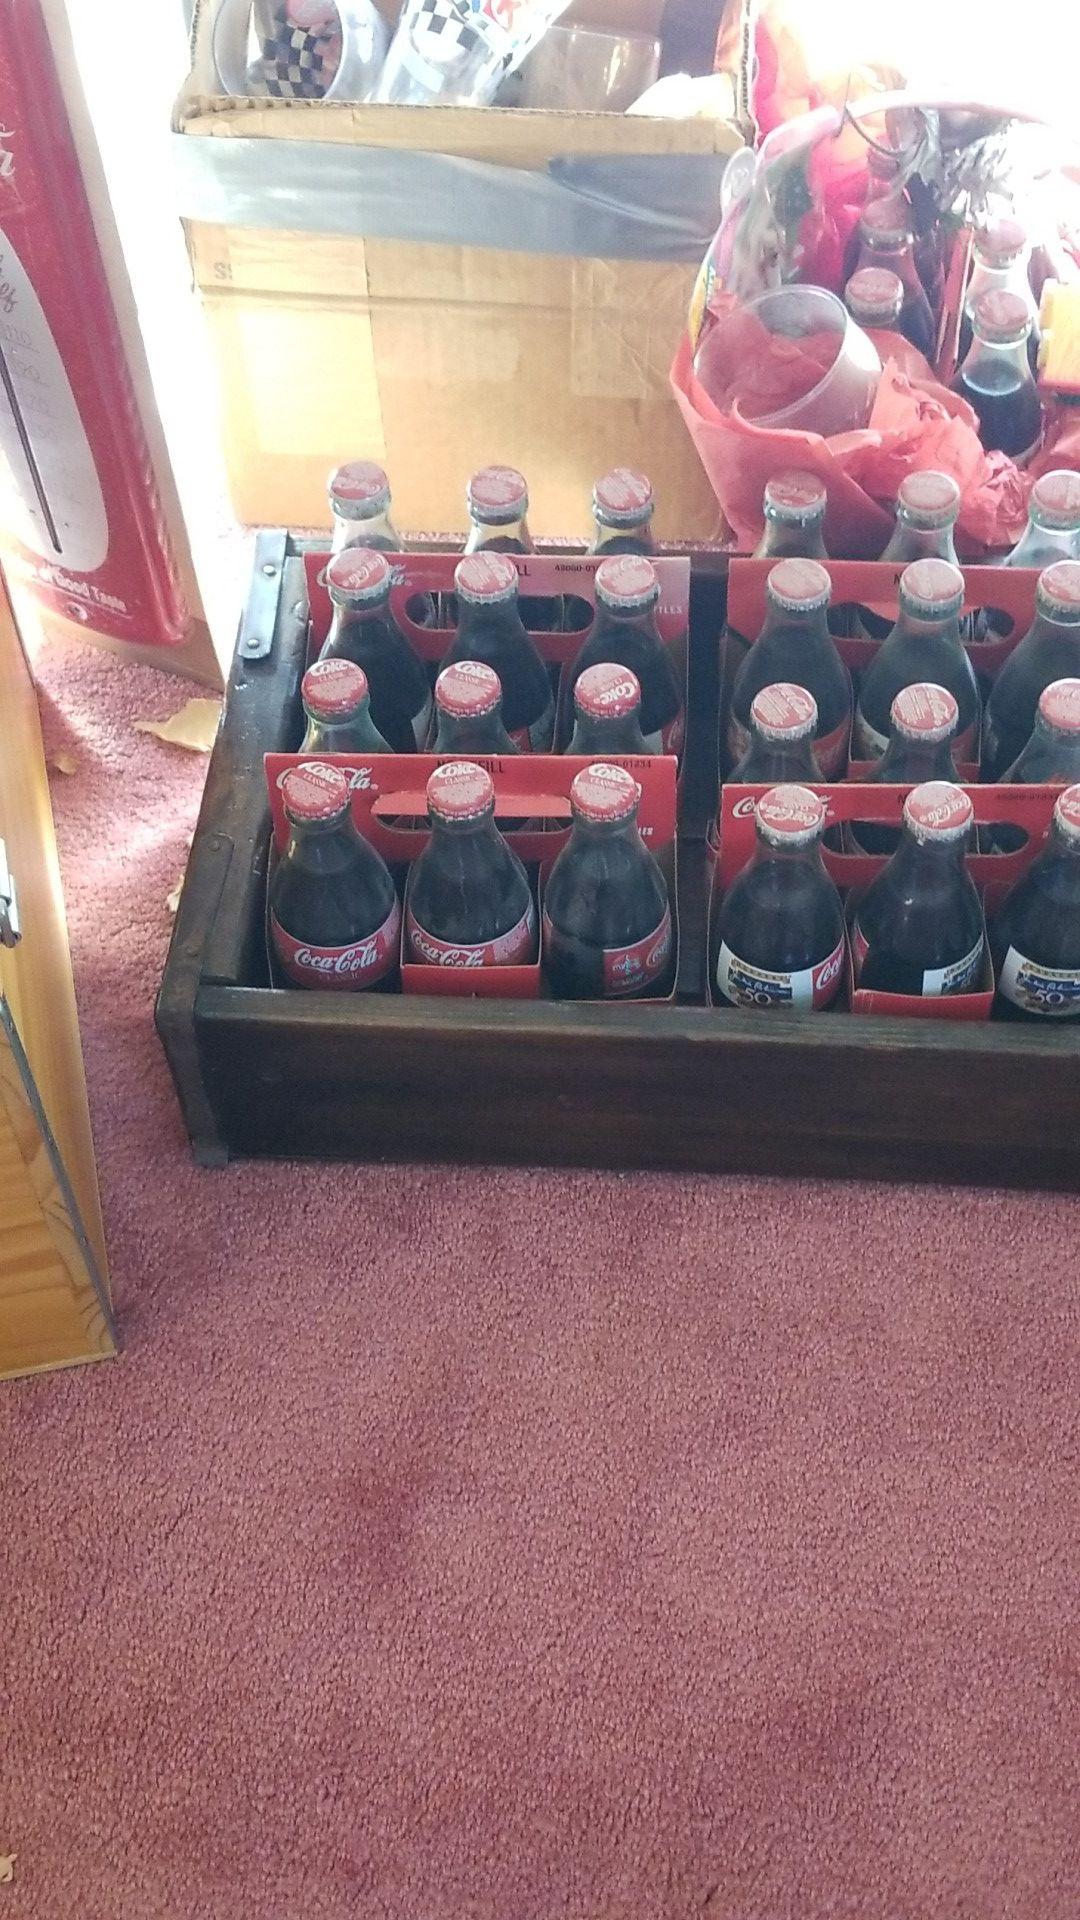 Old coke bottles